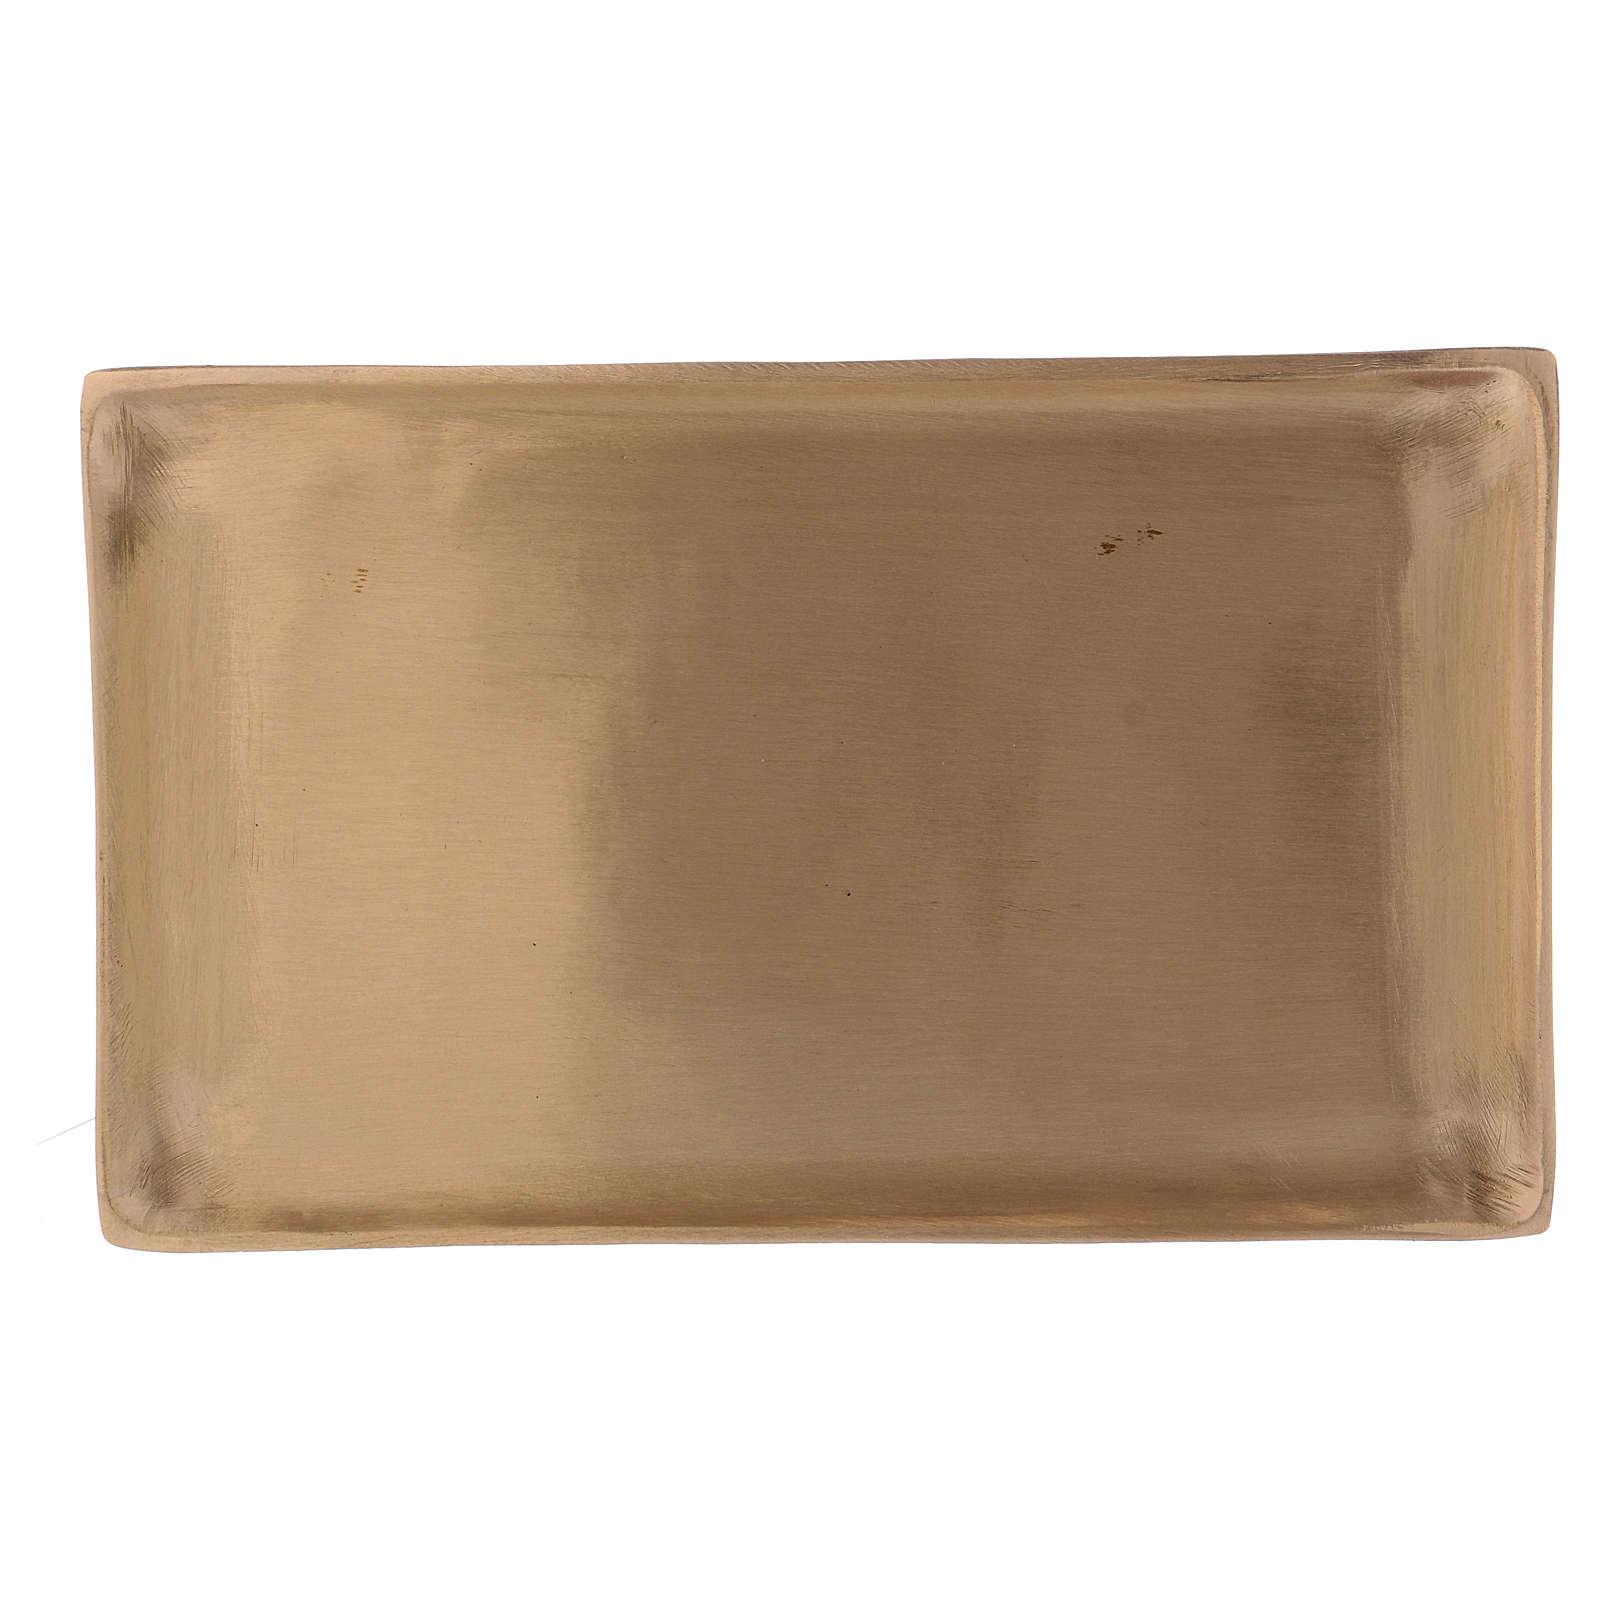 Piattino portacandele ottone dorato rettangolare 3